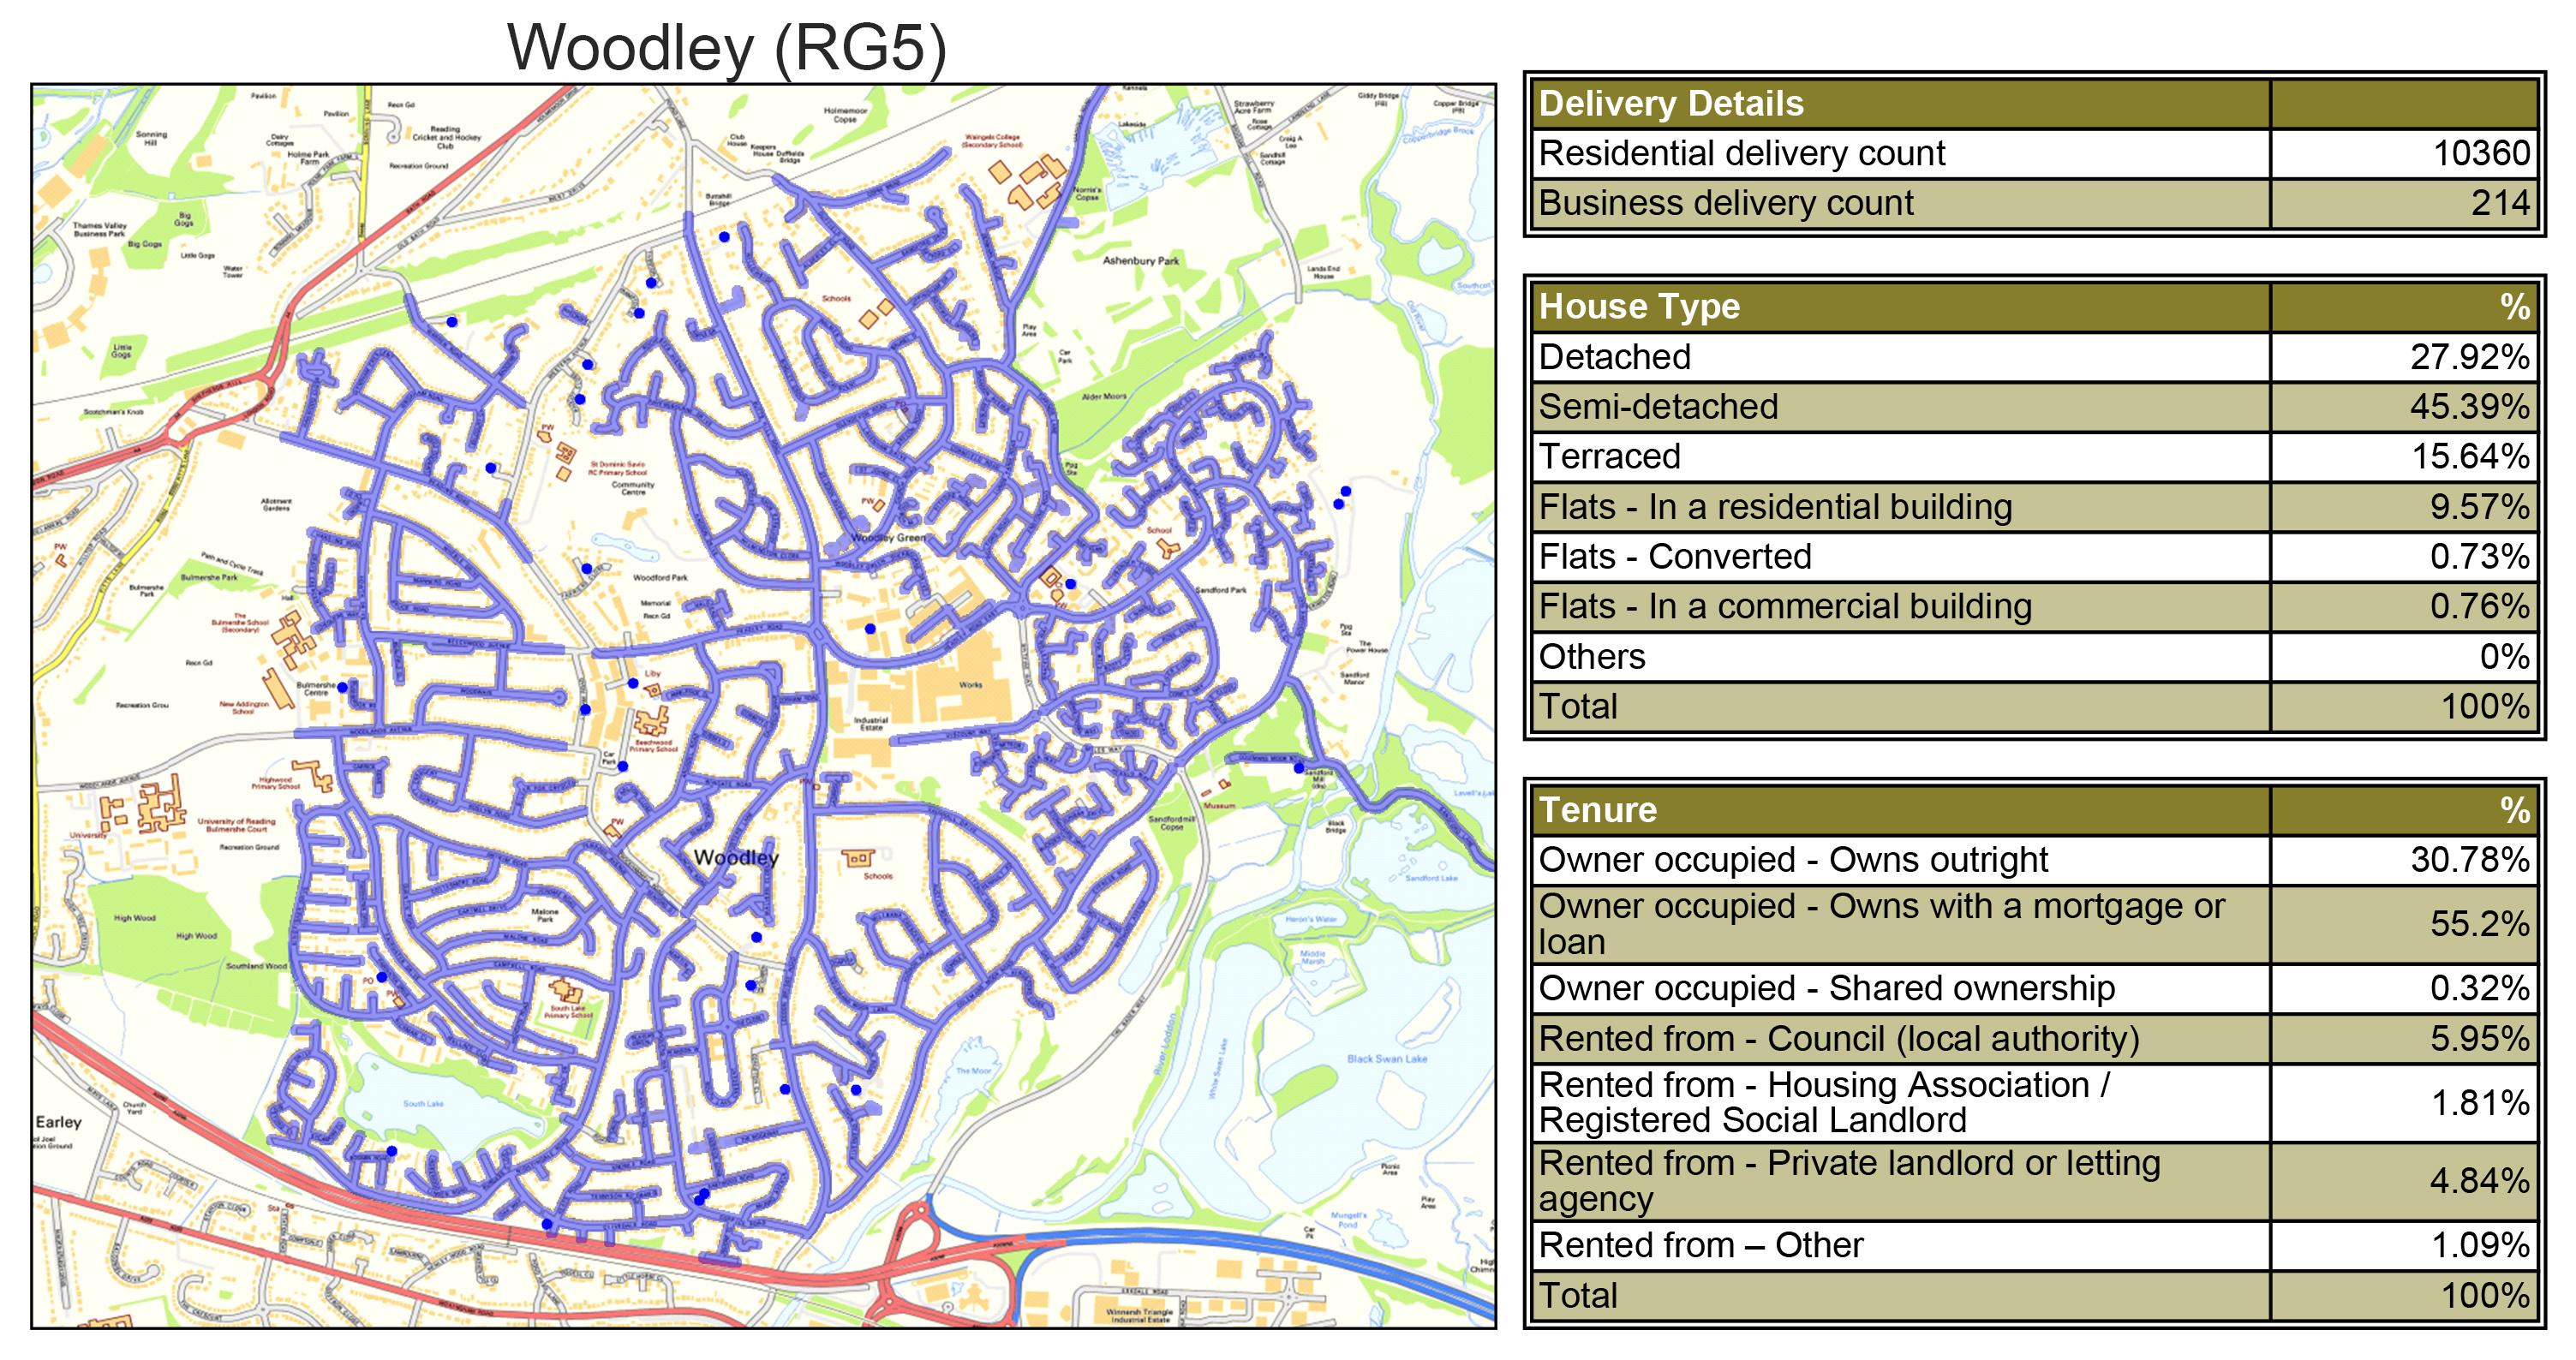 Leaflet Distribution Woodley - Geoplan Image